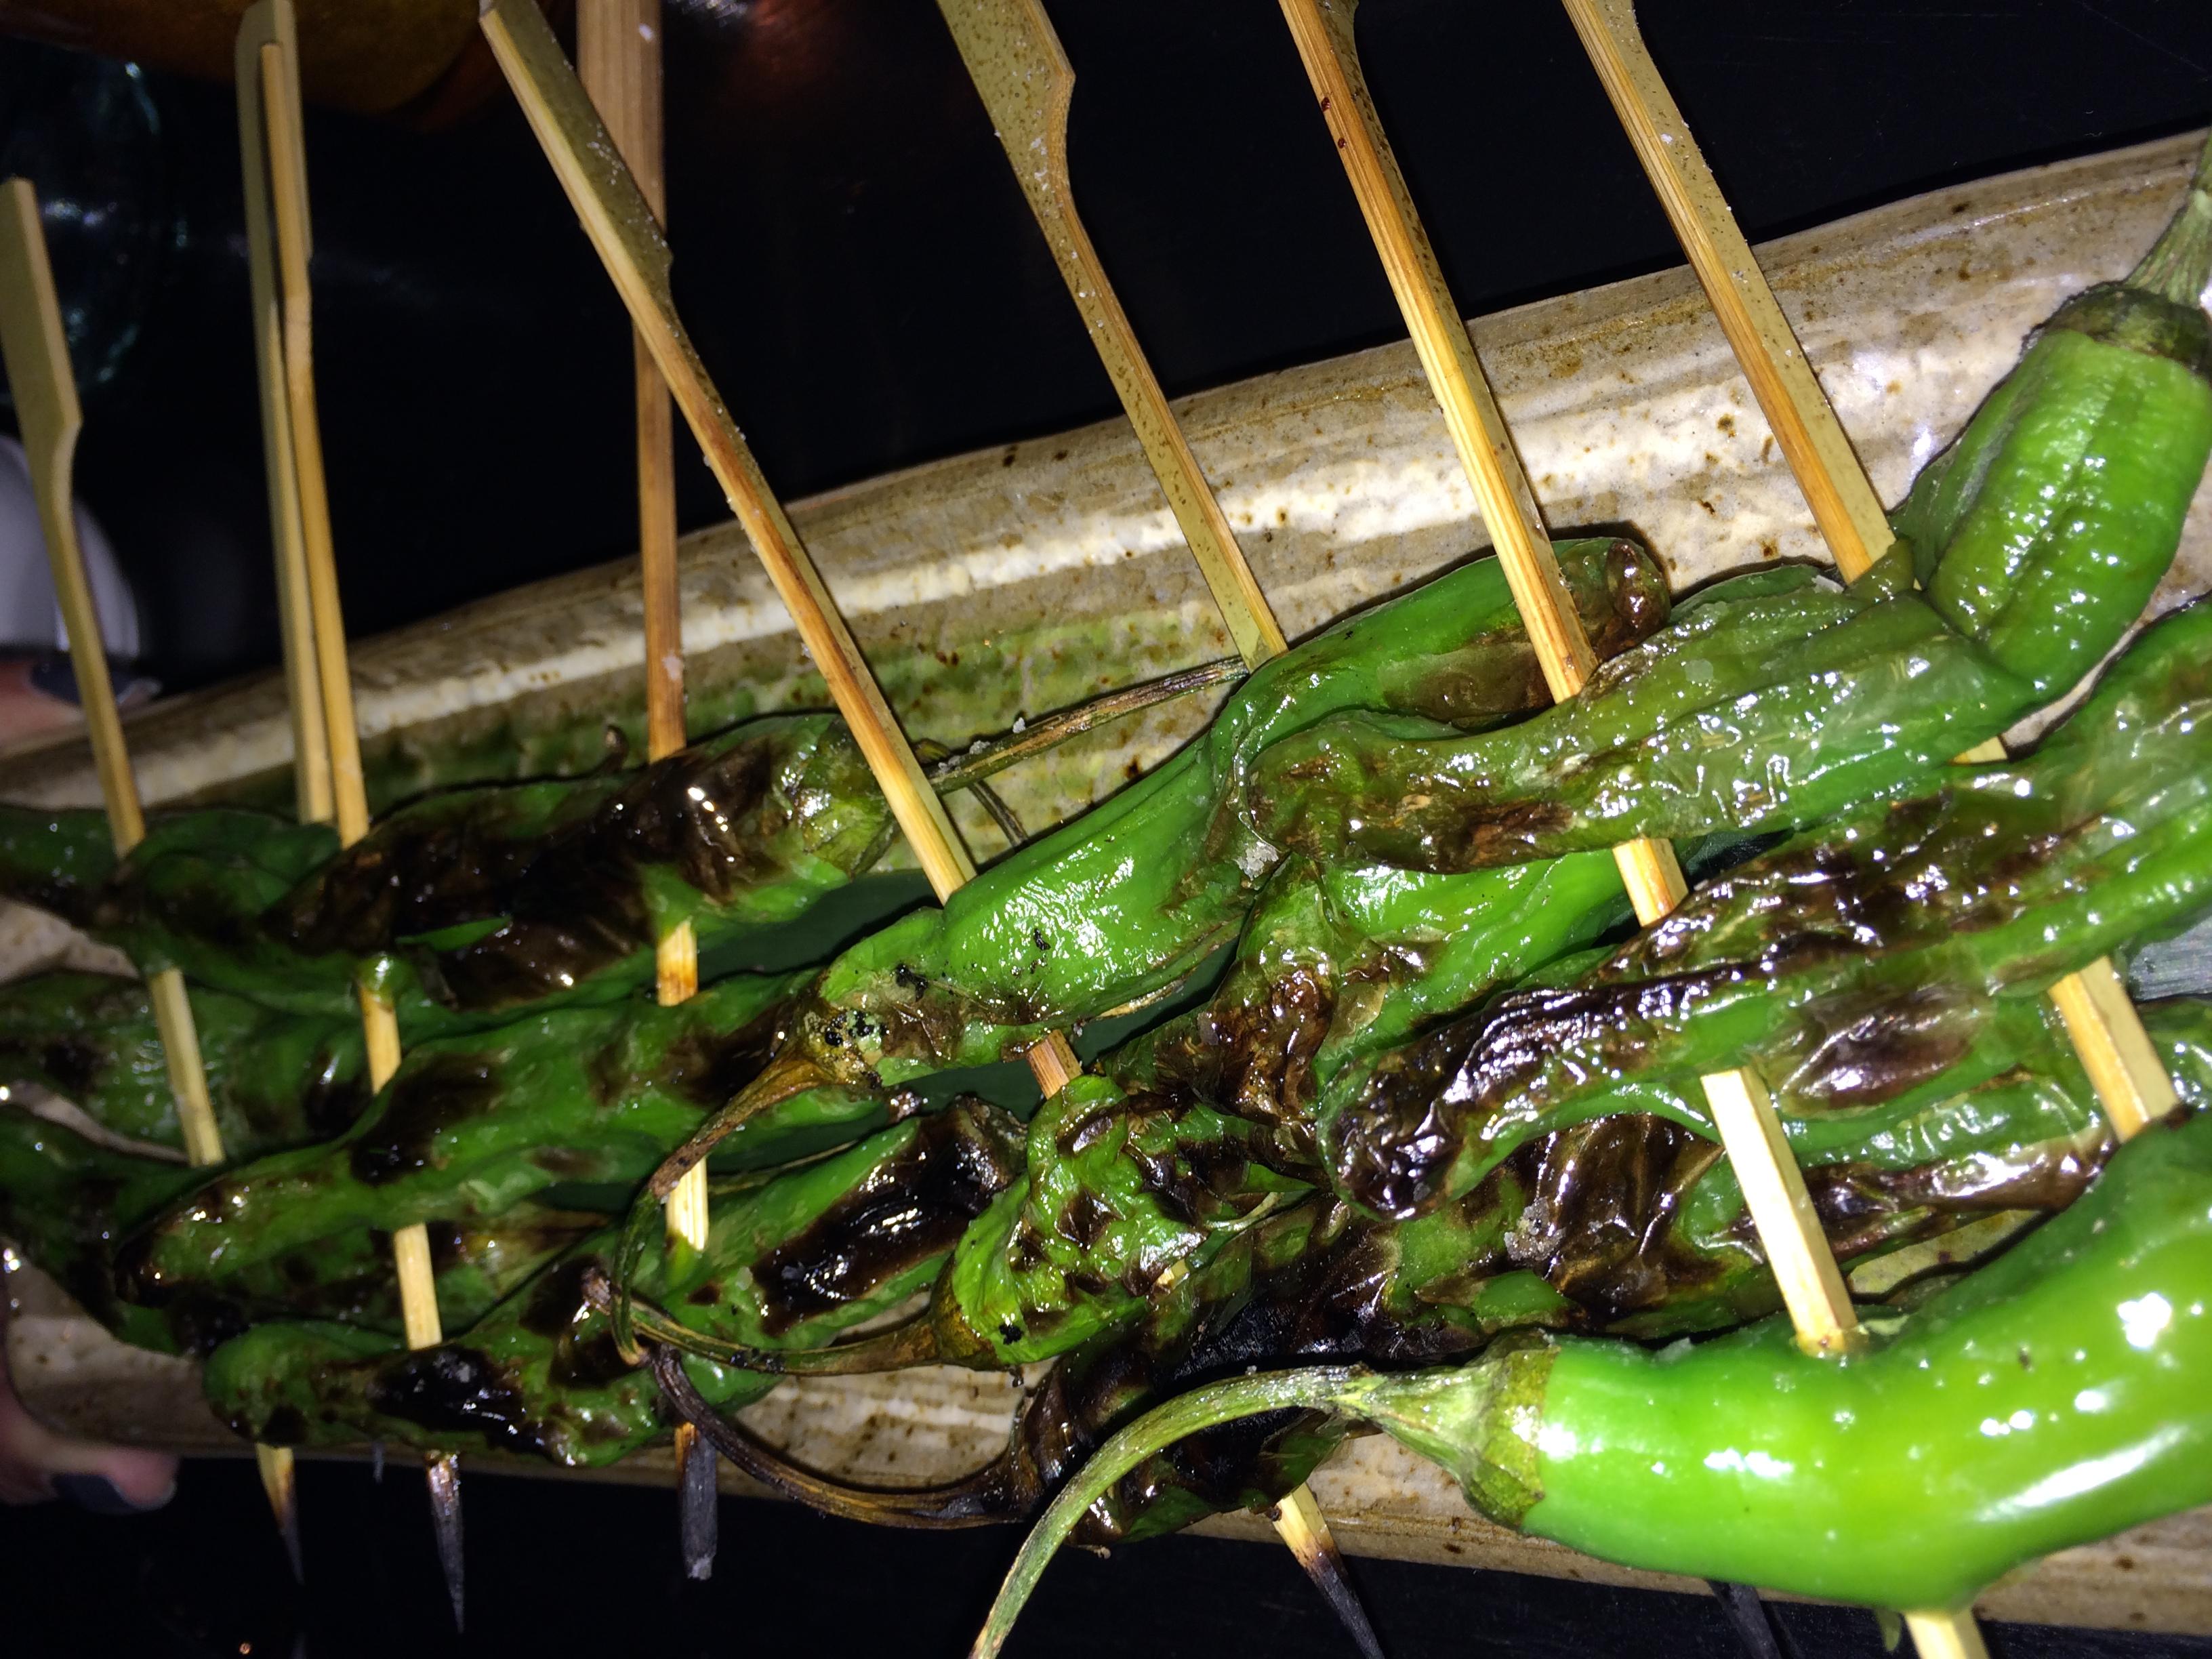 zental peppers